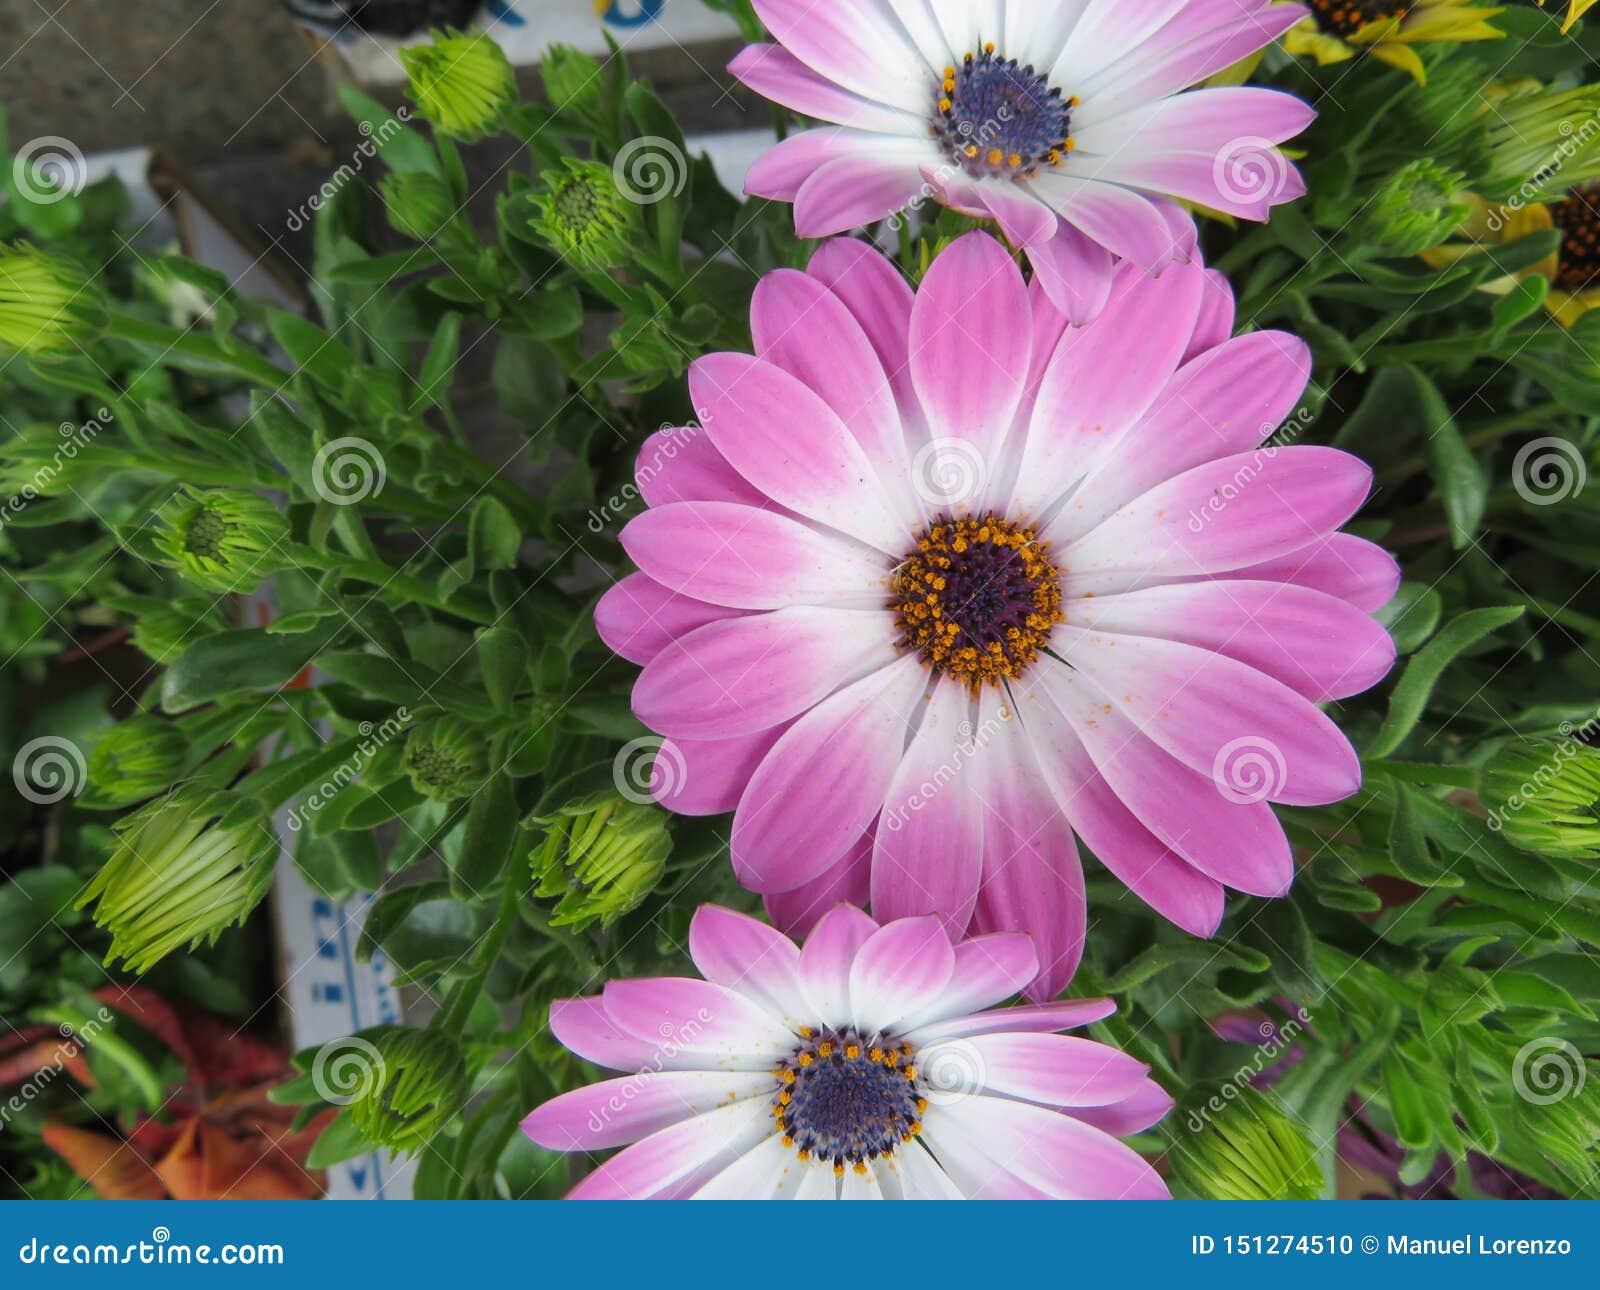 Sch?ne Blumen von intensiven Farben und der gro?en Sch?nheit